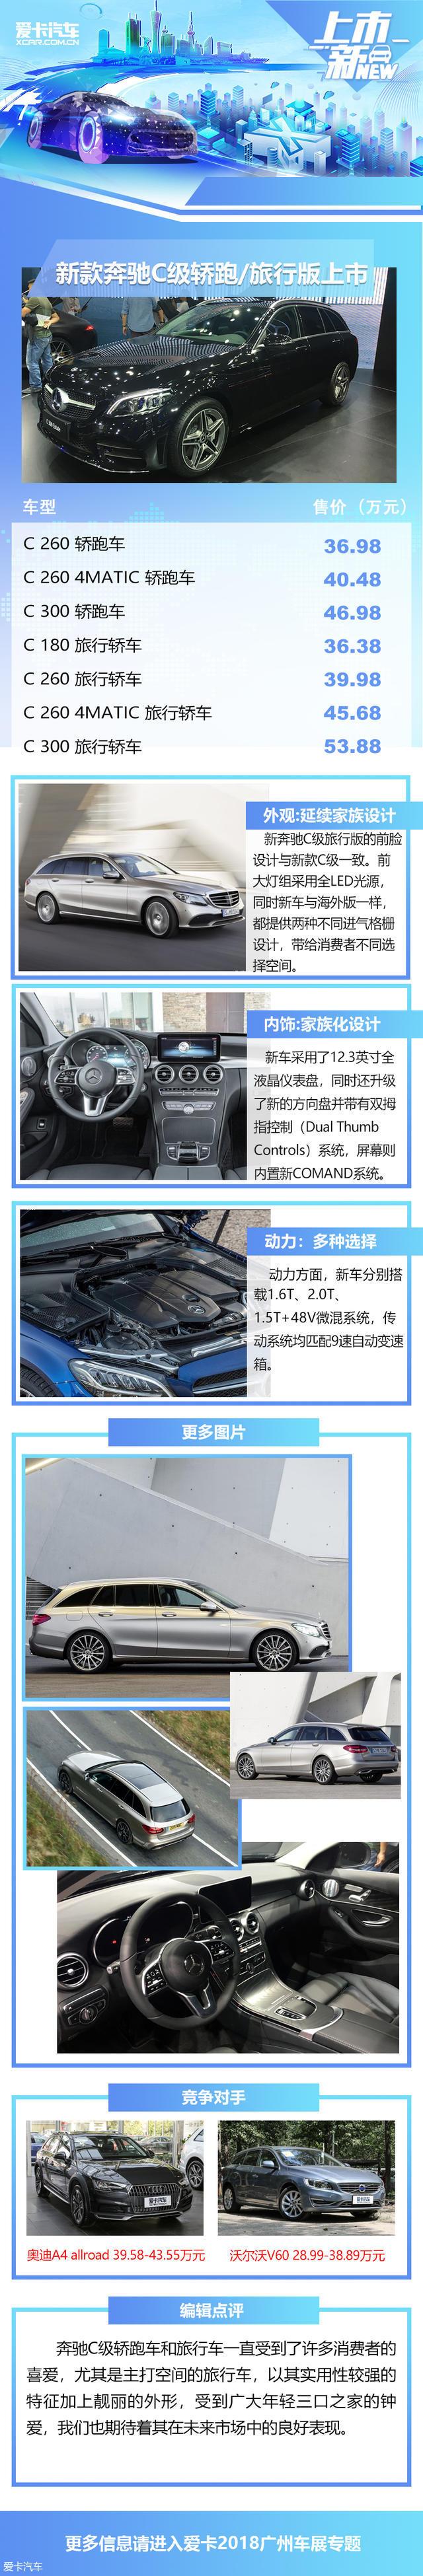 钟爱旅行版 新款进口C级售36.38万元起